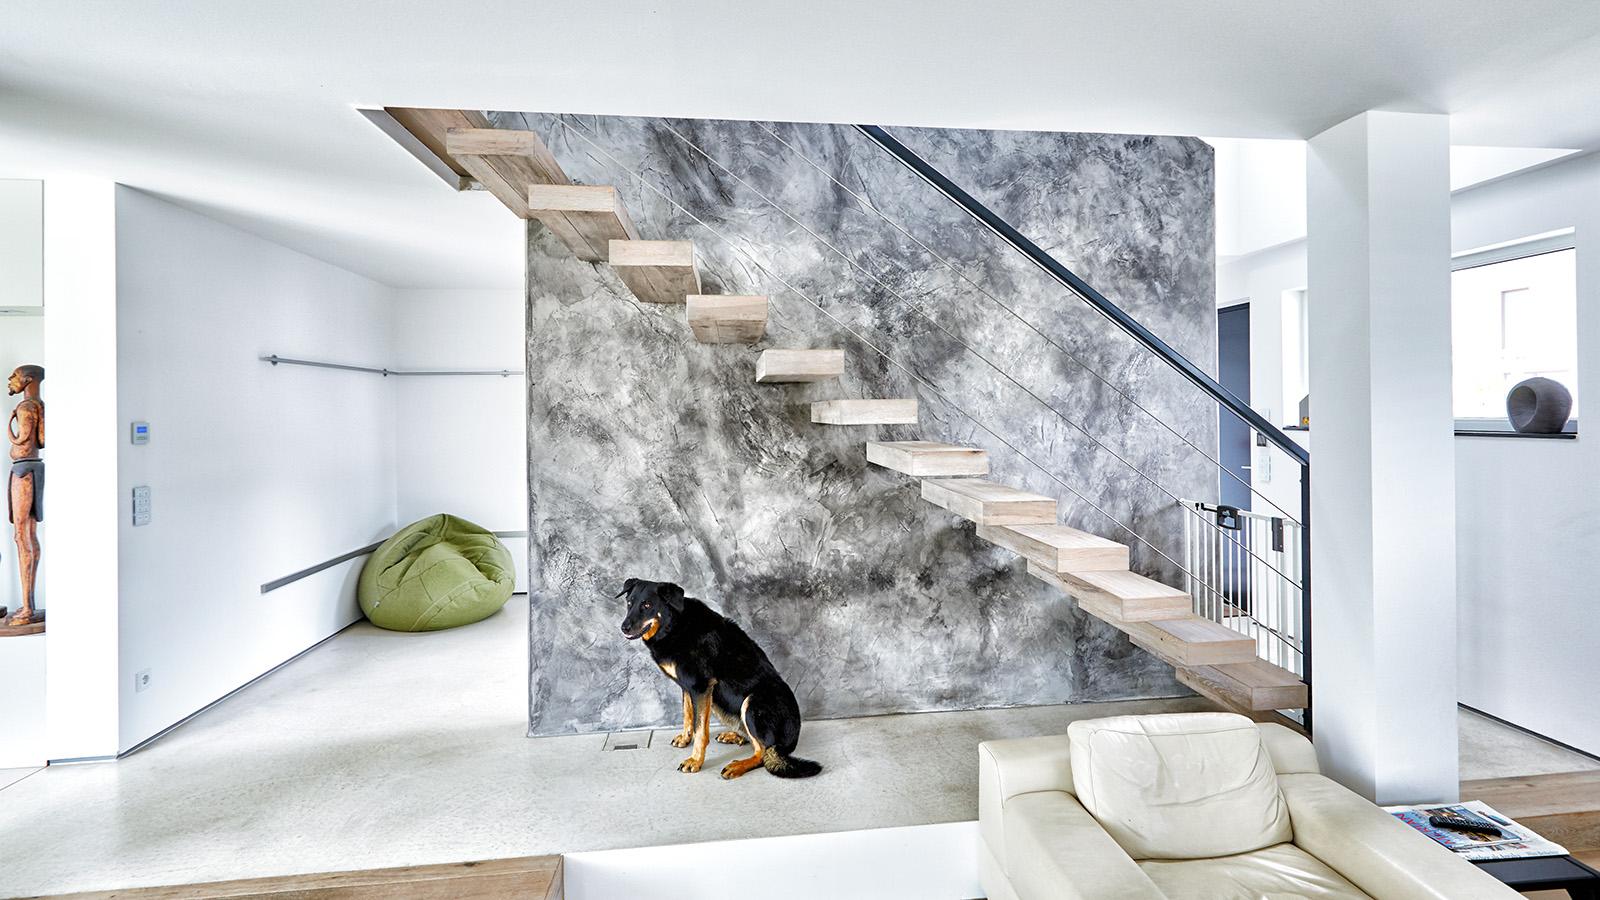 kreative wand und fl chengestaltung von frank komosz in. Black Bedroom Furniture Sets. Home Design Ideas